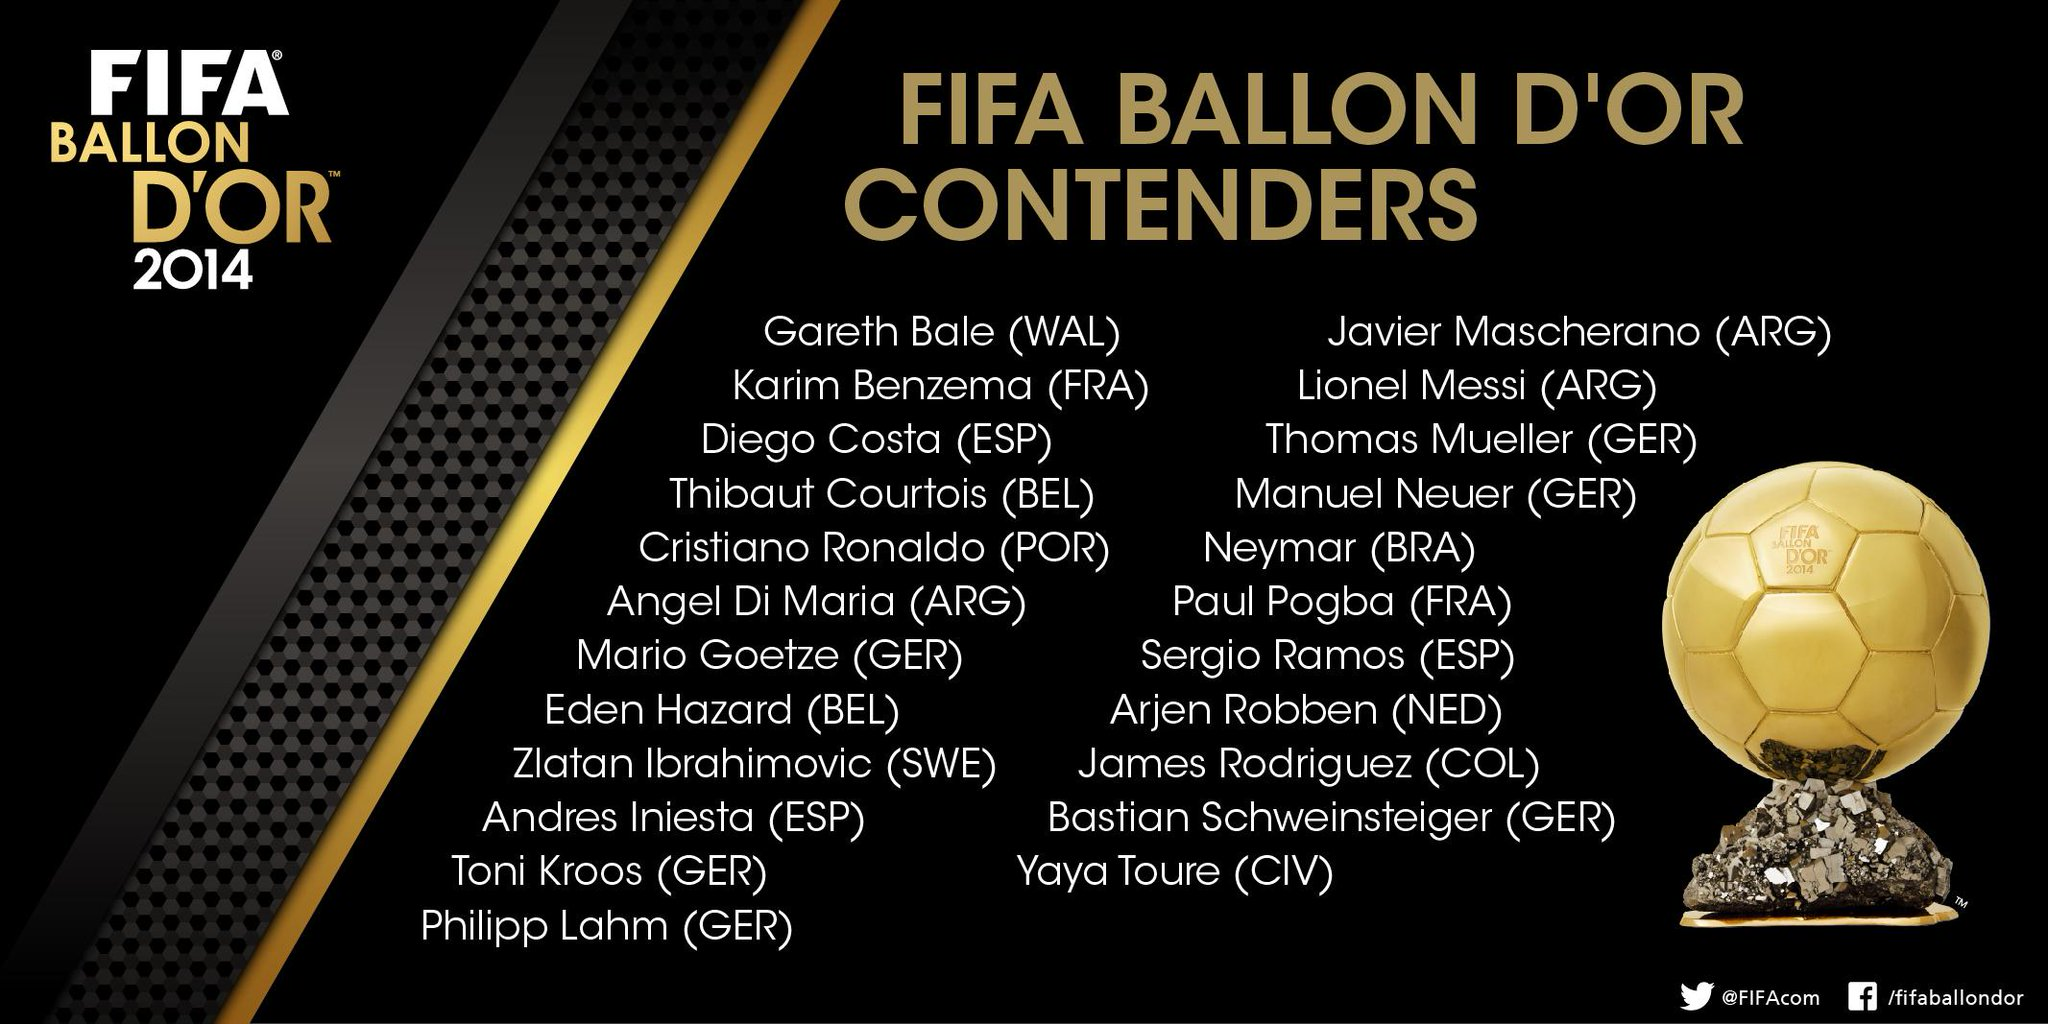 ФИФА объявила претендентов на Золотой мяч-2014 - изображение 1